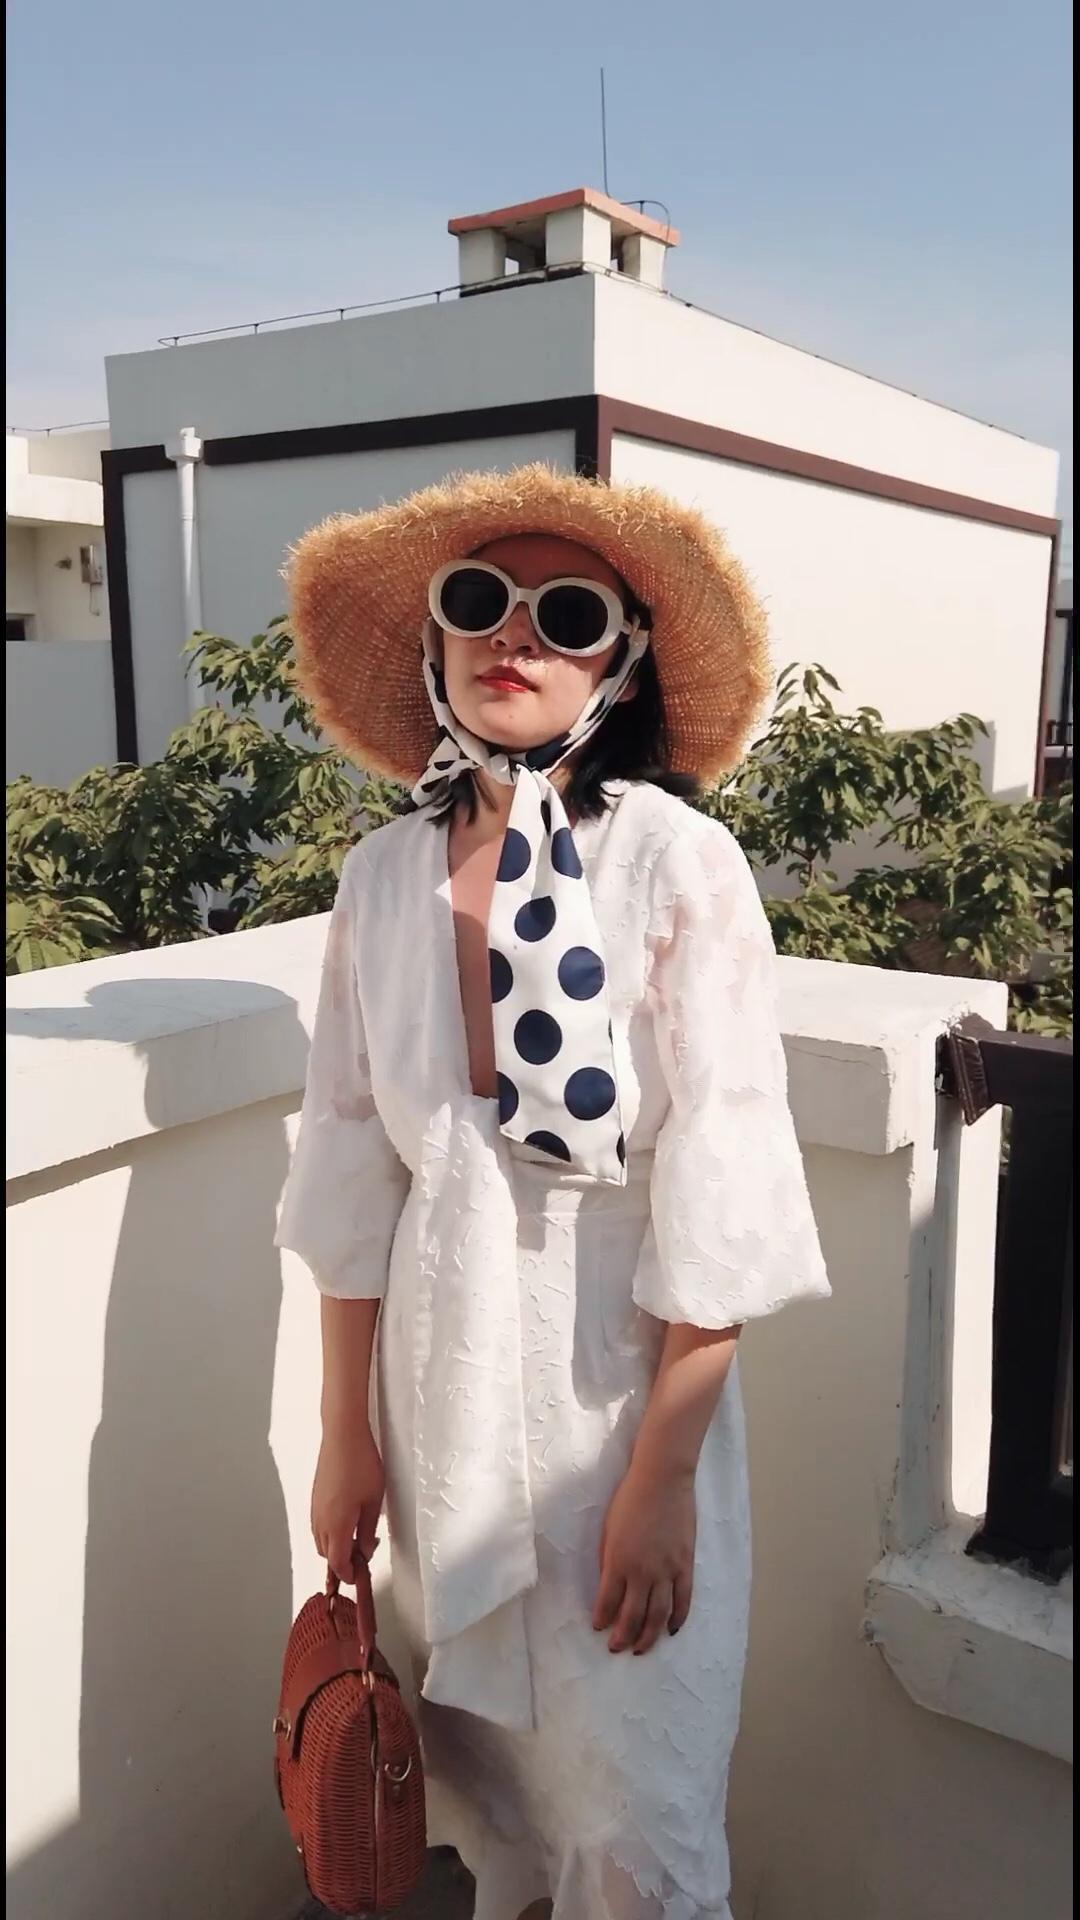 #温柔奶油白,夏日最优解# 完美适合夏日的奶油白色连衣裙,长袖防晒,深V增添一些露肤度,搭配宽檐草编帽,白框墨镜,塑造时髦的度假感, 白色连衣裙来自Free people。